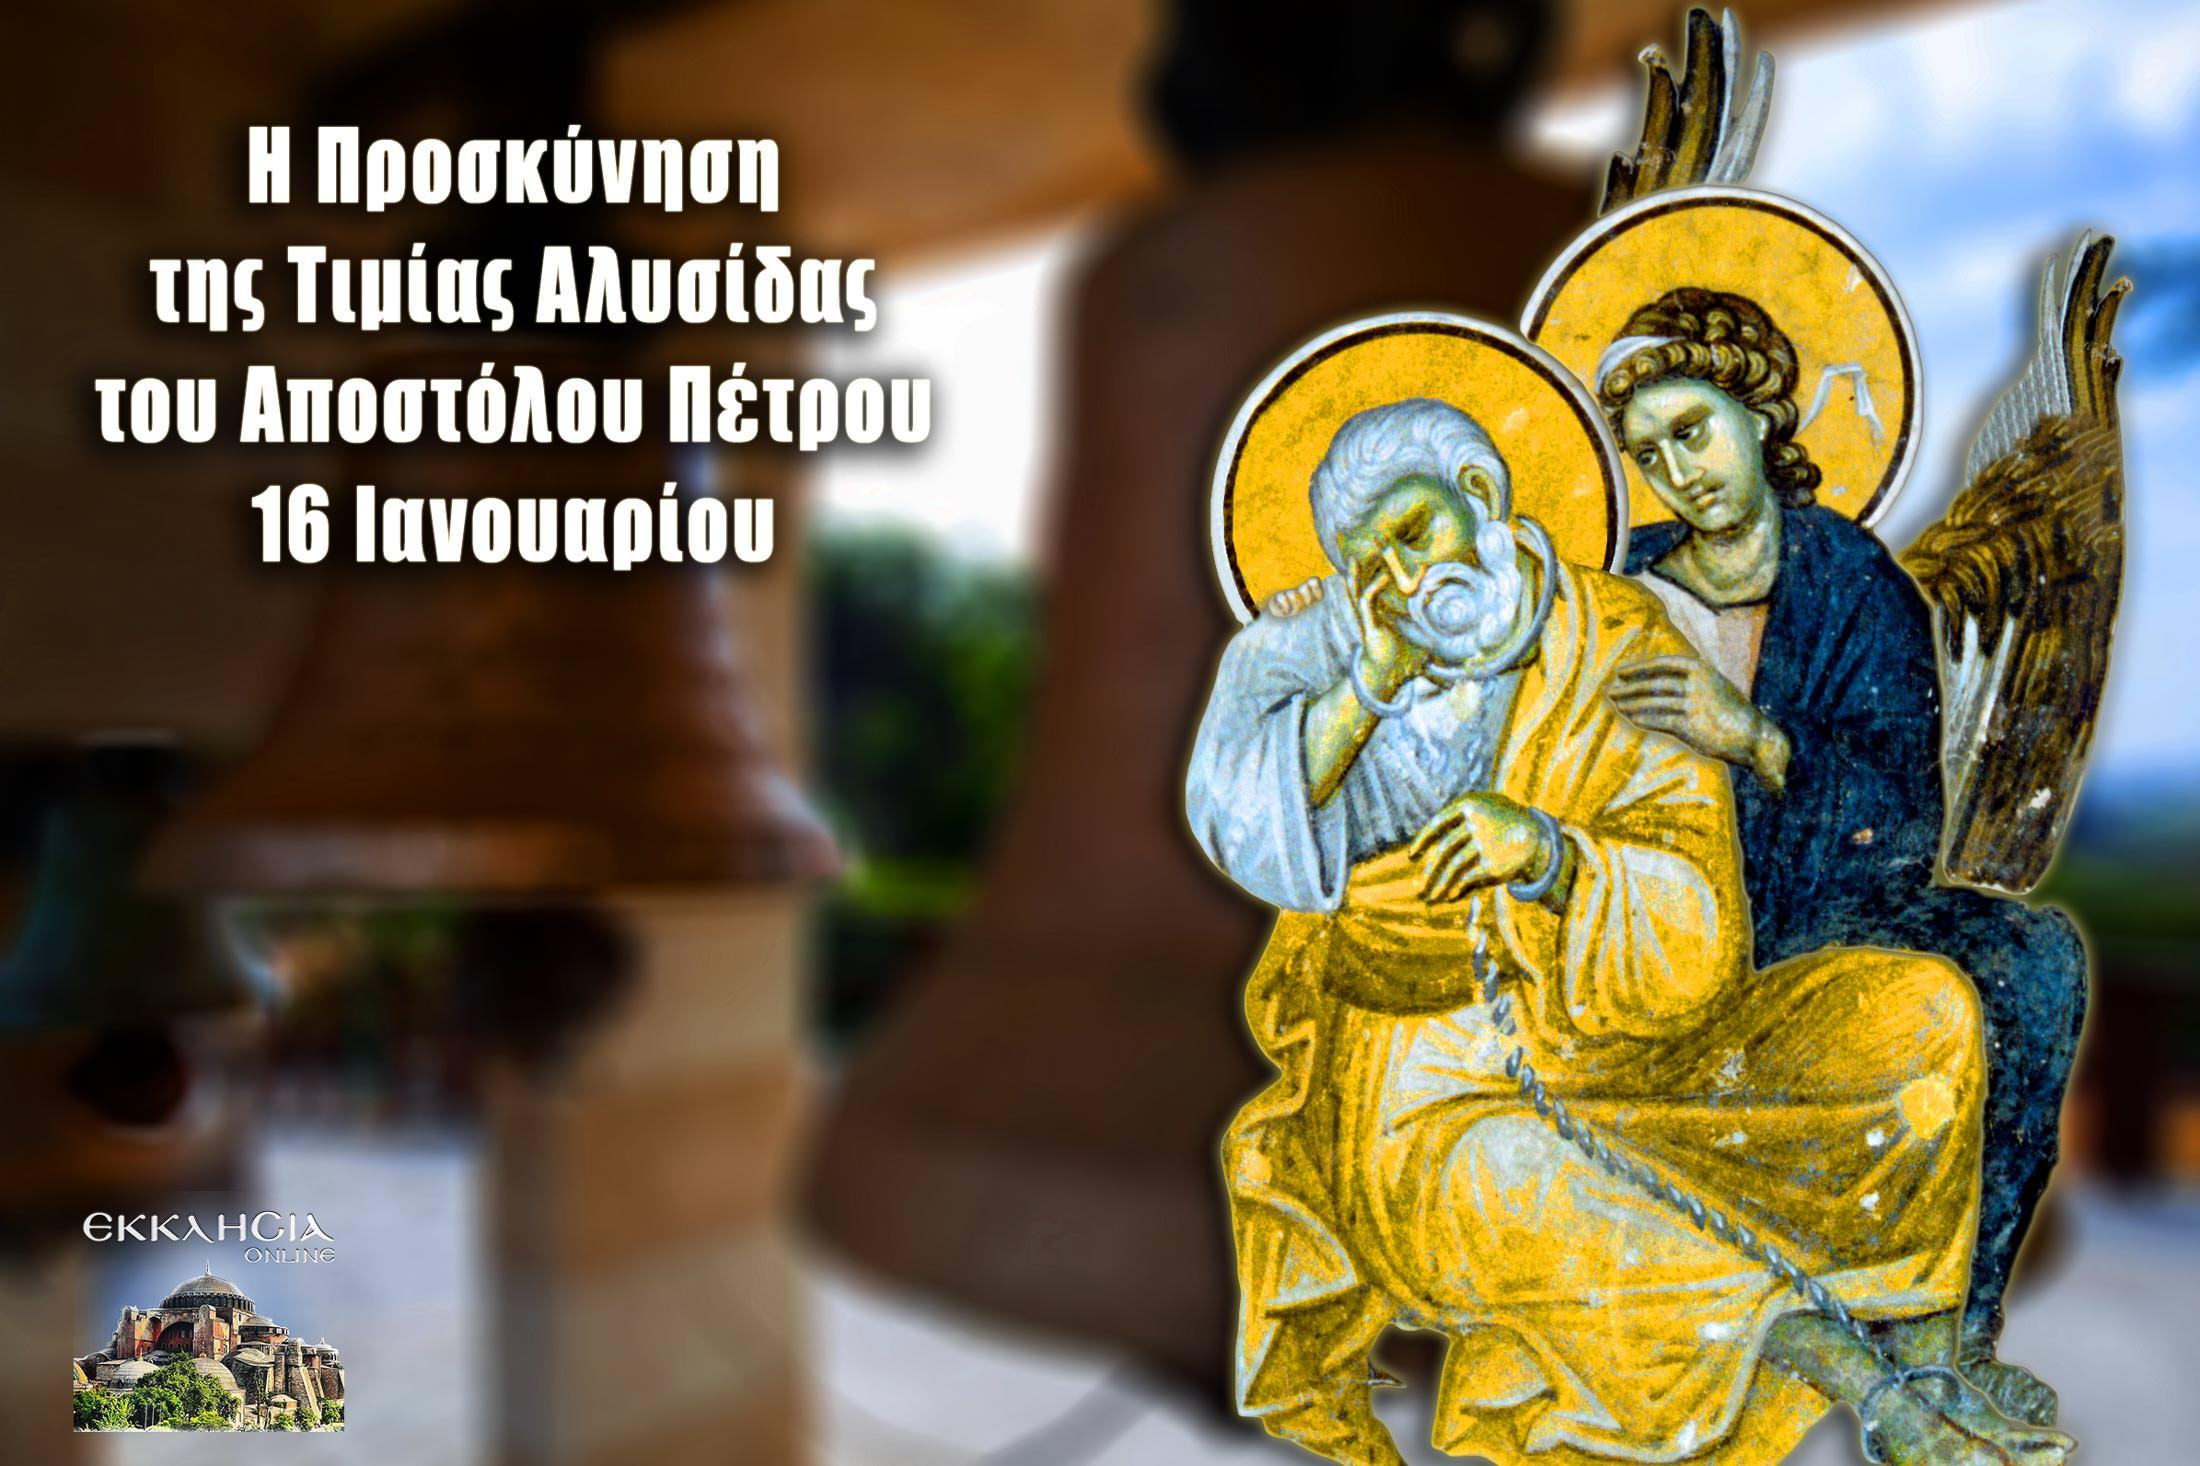 Αλυσίδα Αποστόλου Πέτρου 15 Ιανουαρίου